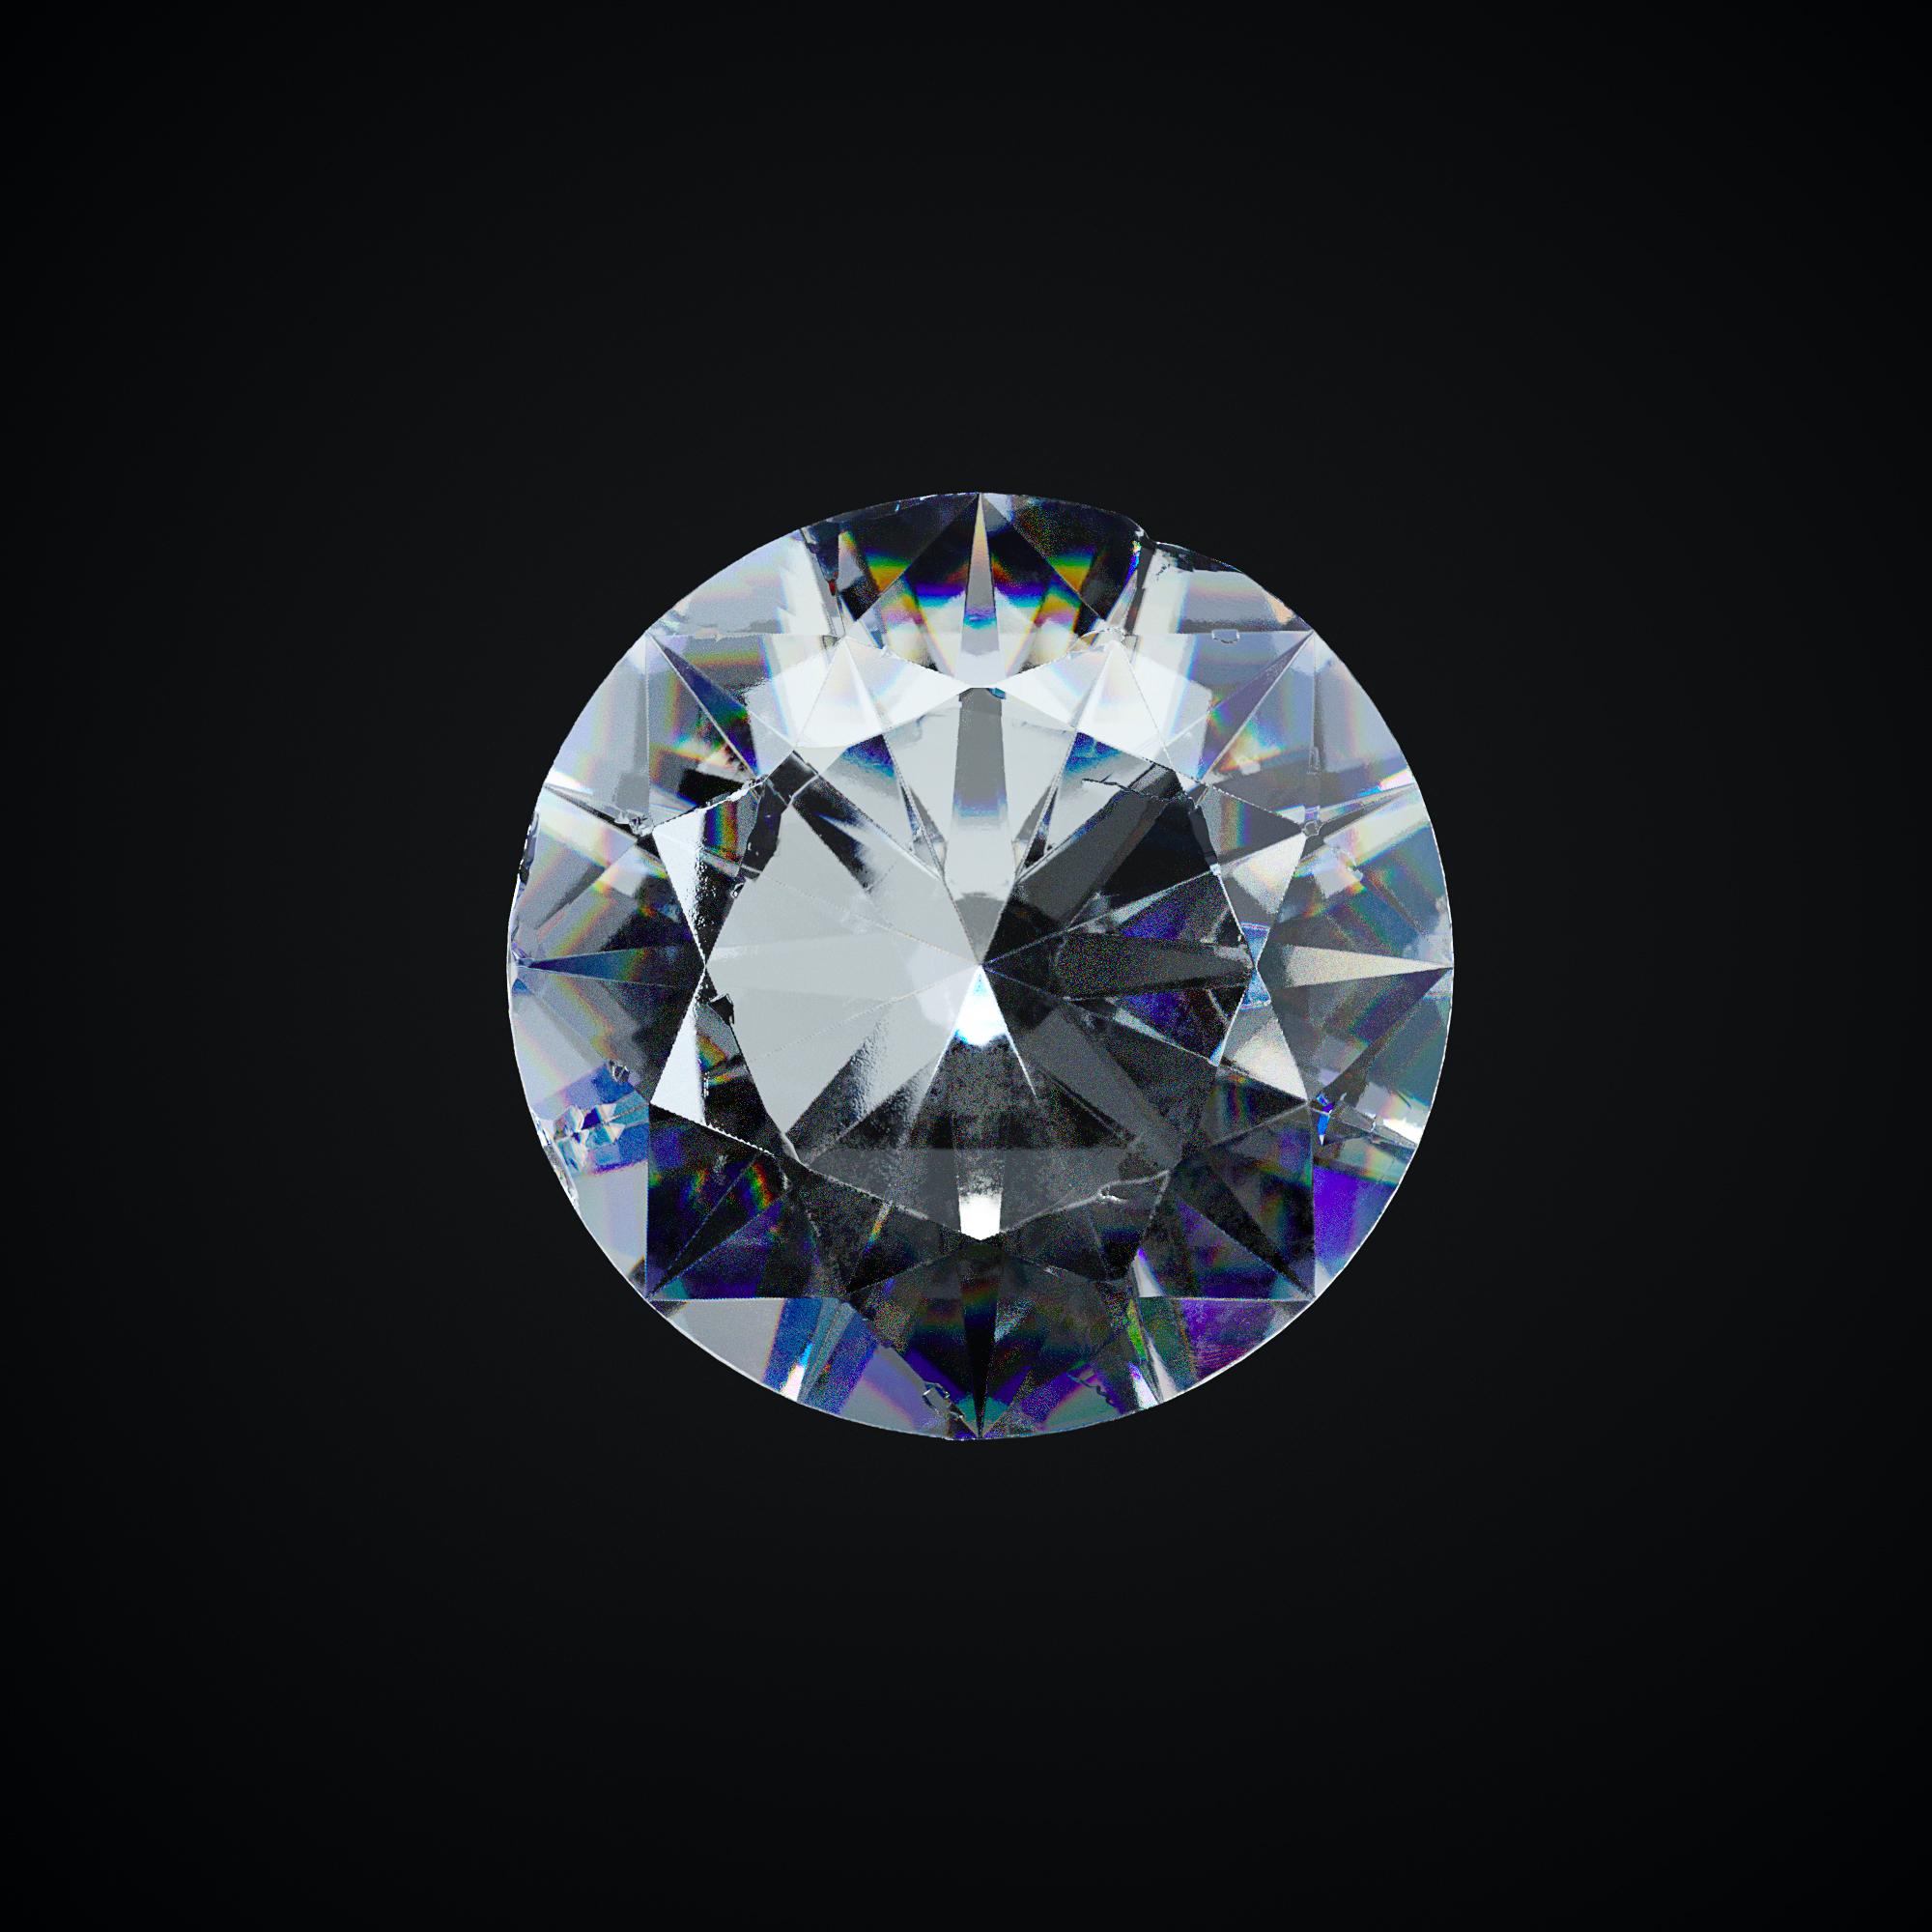 Diamond_frontal.jpg